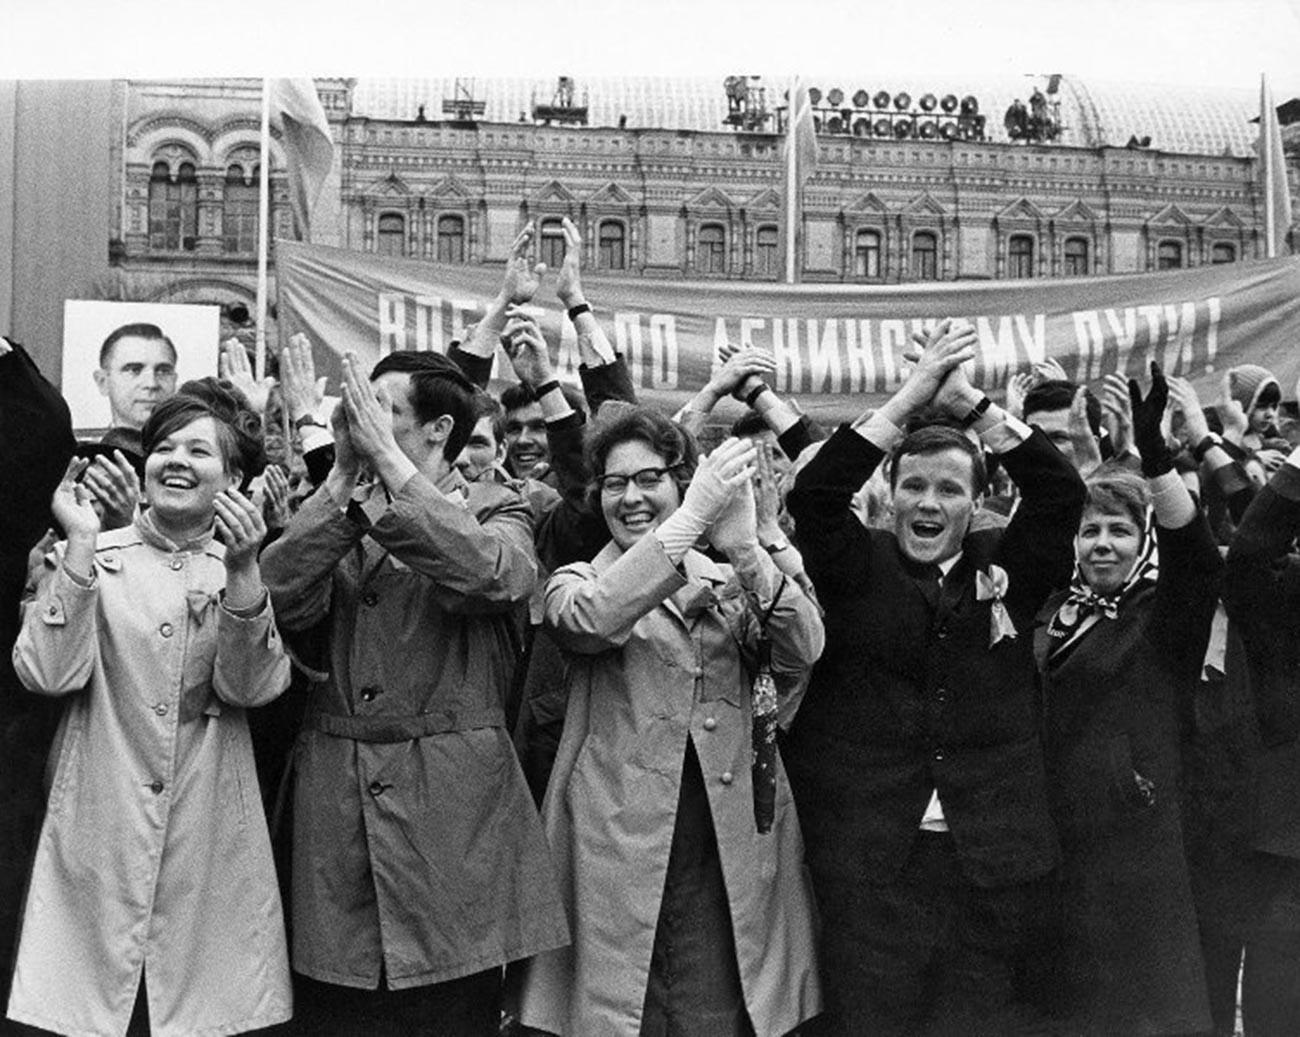 Manifestation du 1er mai sur la place Rouge, 1970